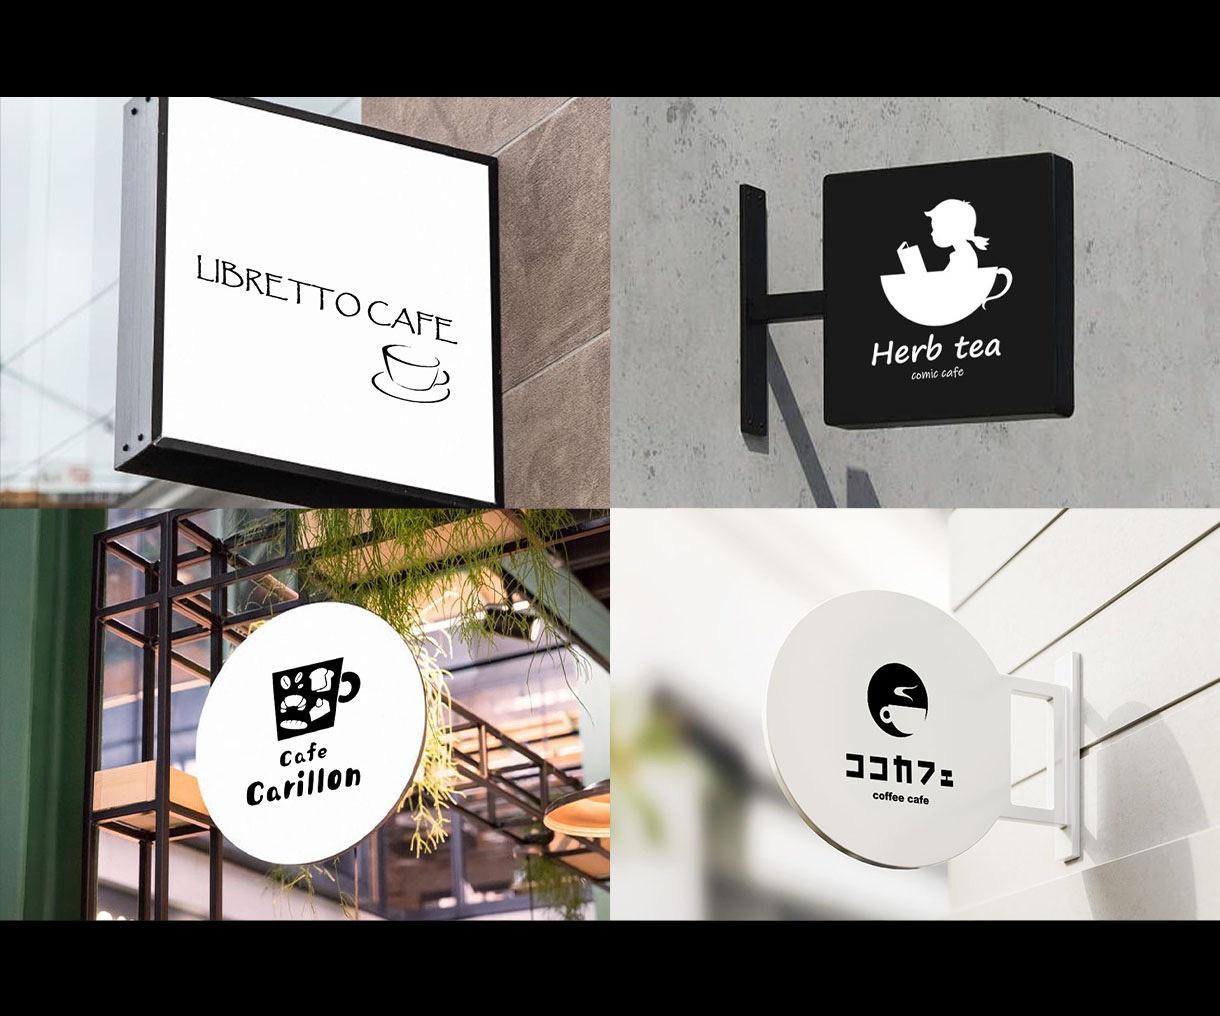 カフェ・喫茶店・飲食店のロゴを現役プロが制作します お手ごろ価格で品質の高いロゴをデザインします! イメージ1